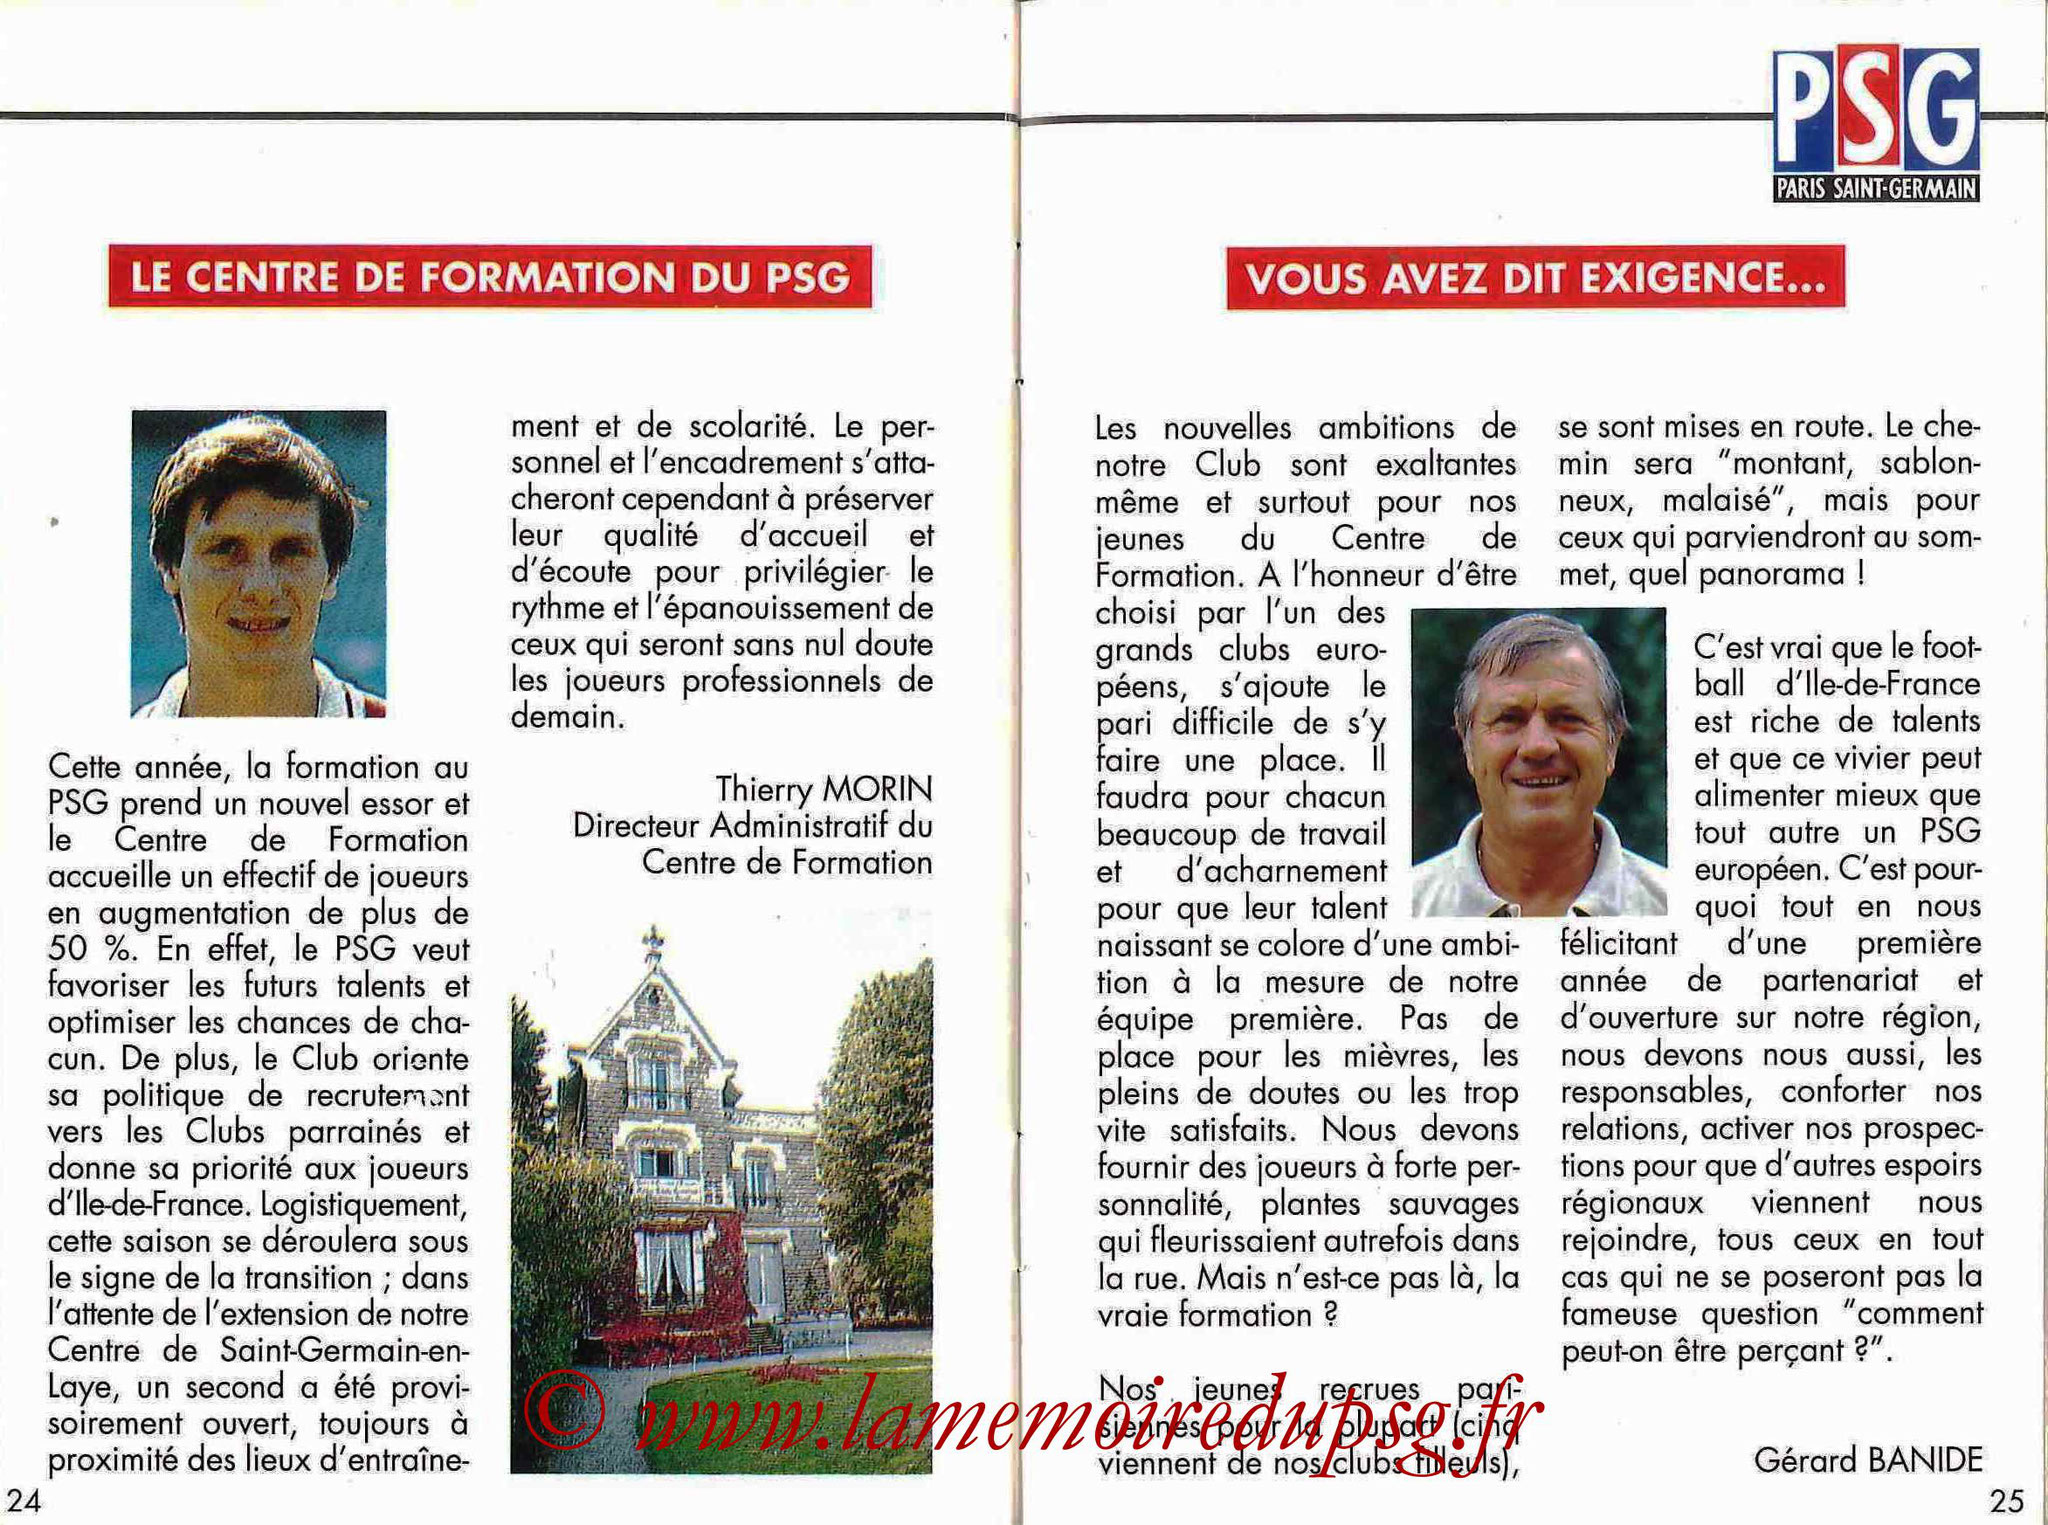 1992-93 - Guide de la Saison PSG - Pages 24 et 25